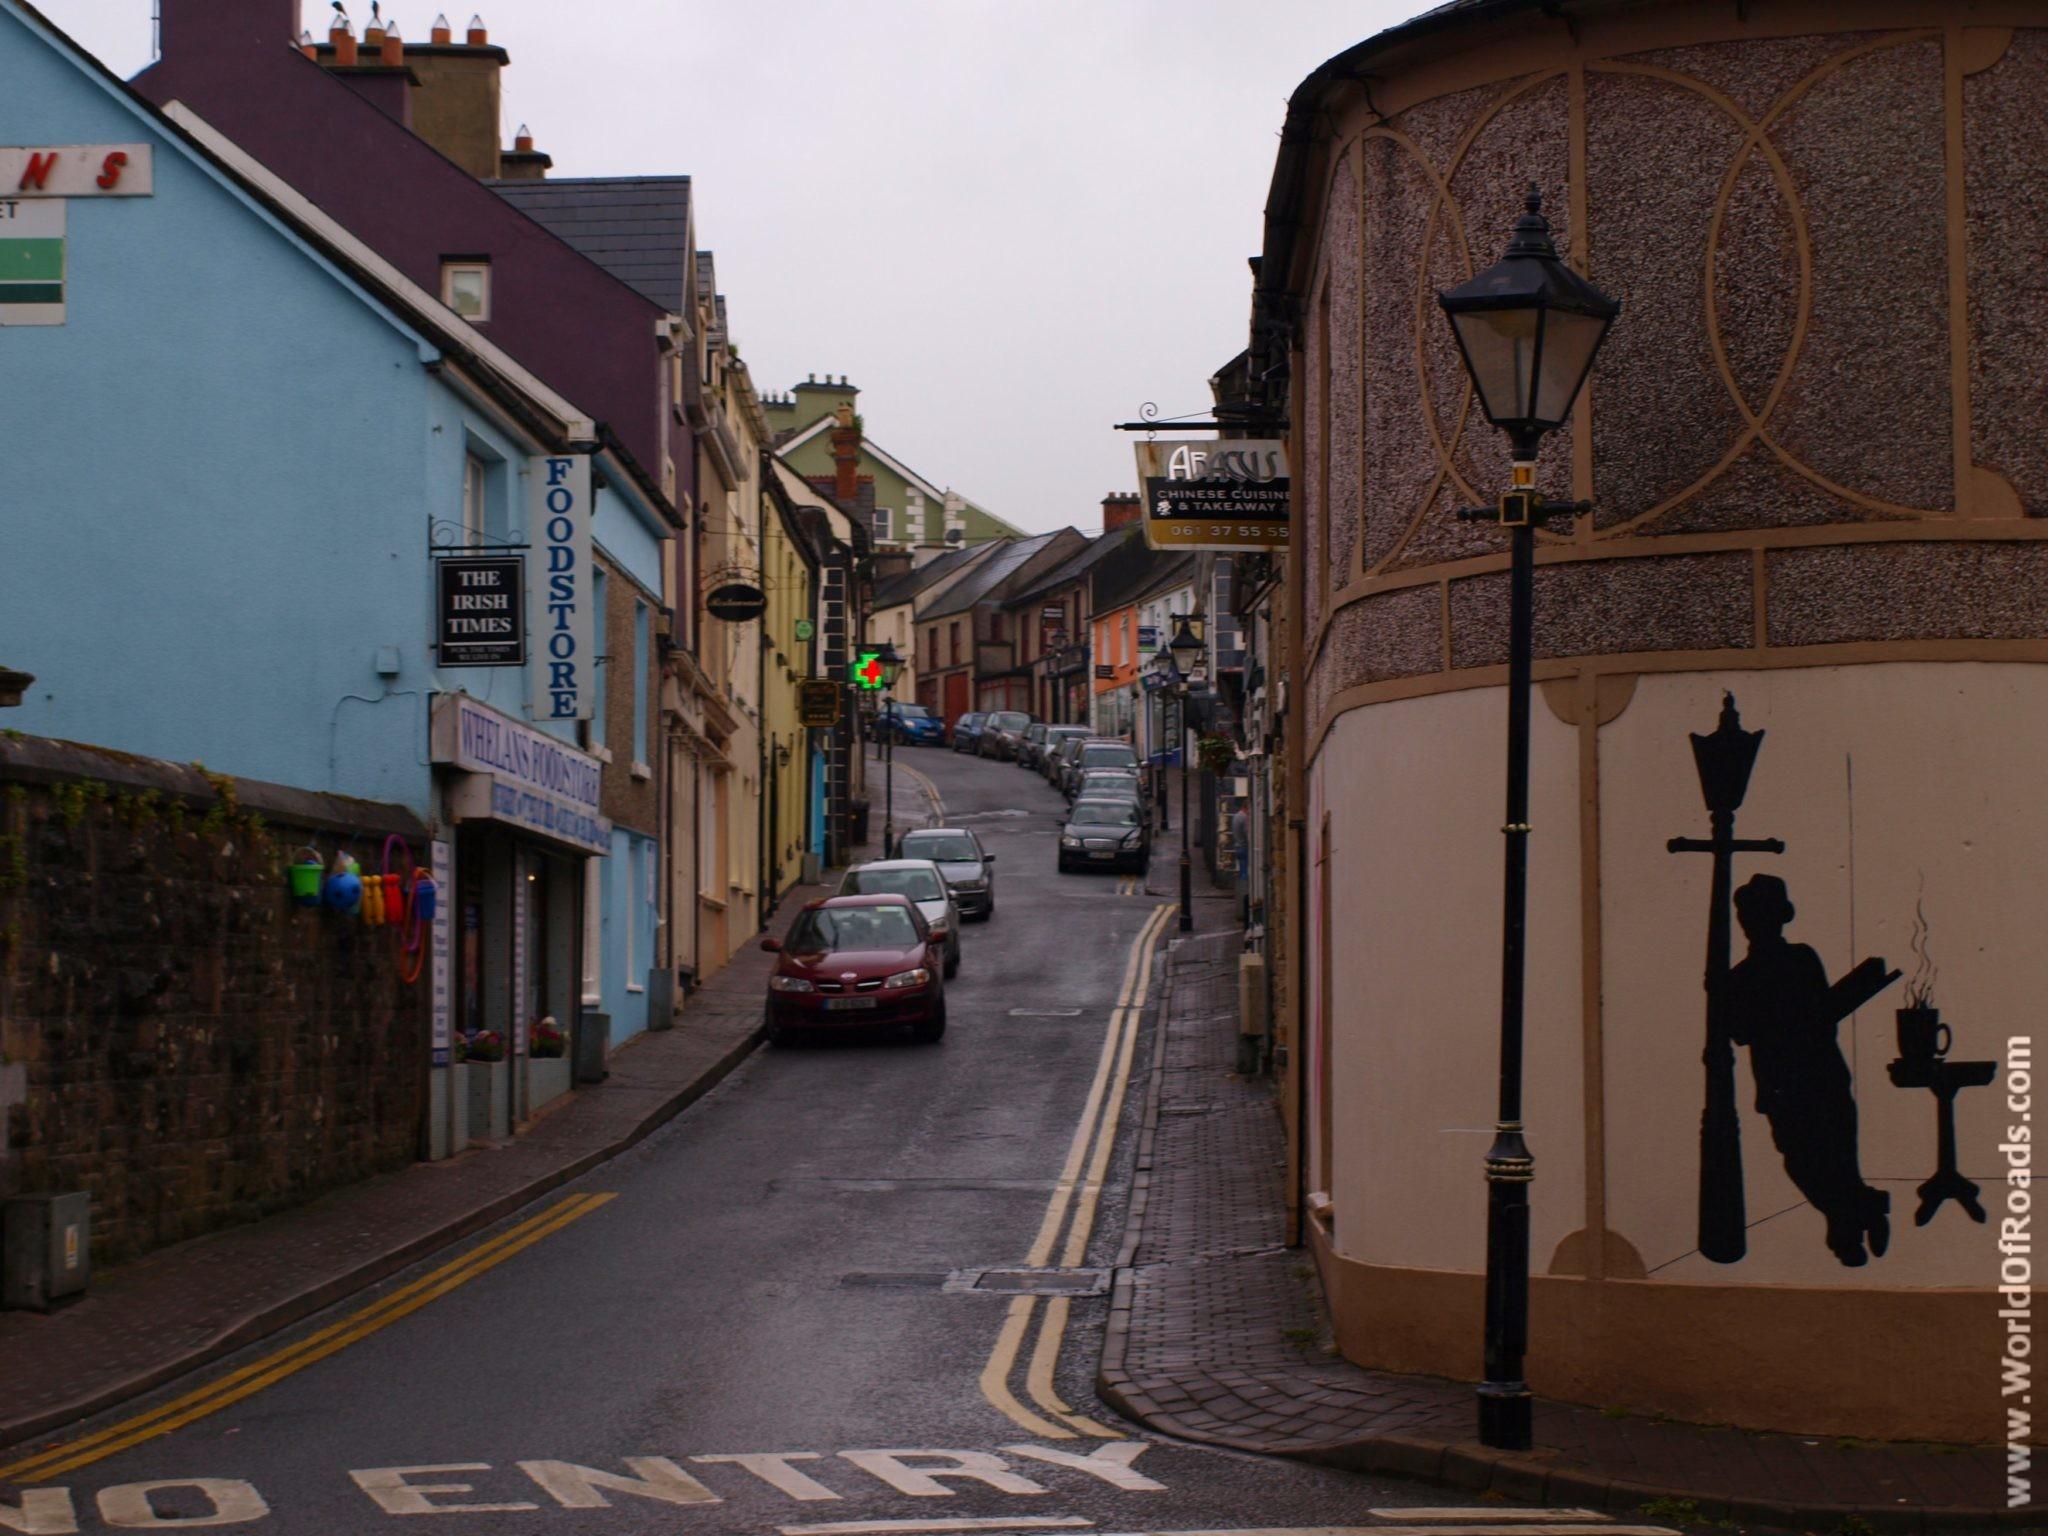 Дома и улицы города Килалое. Ирландия.